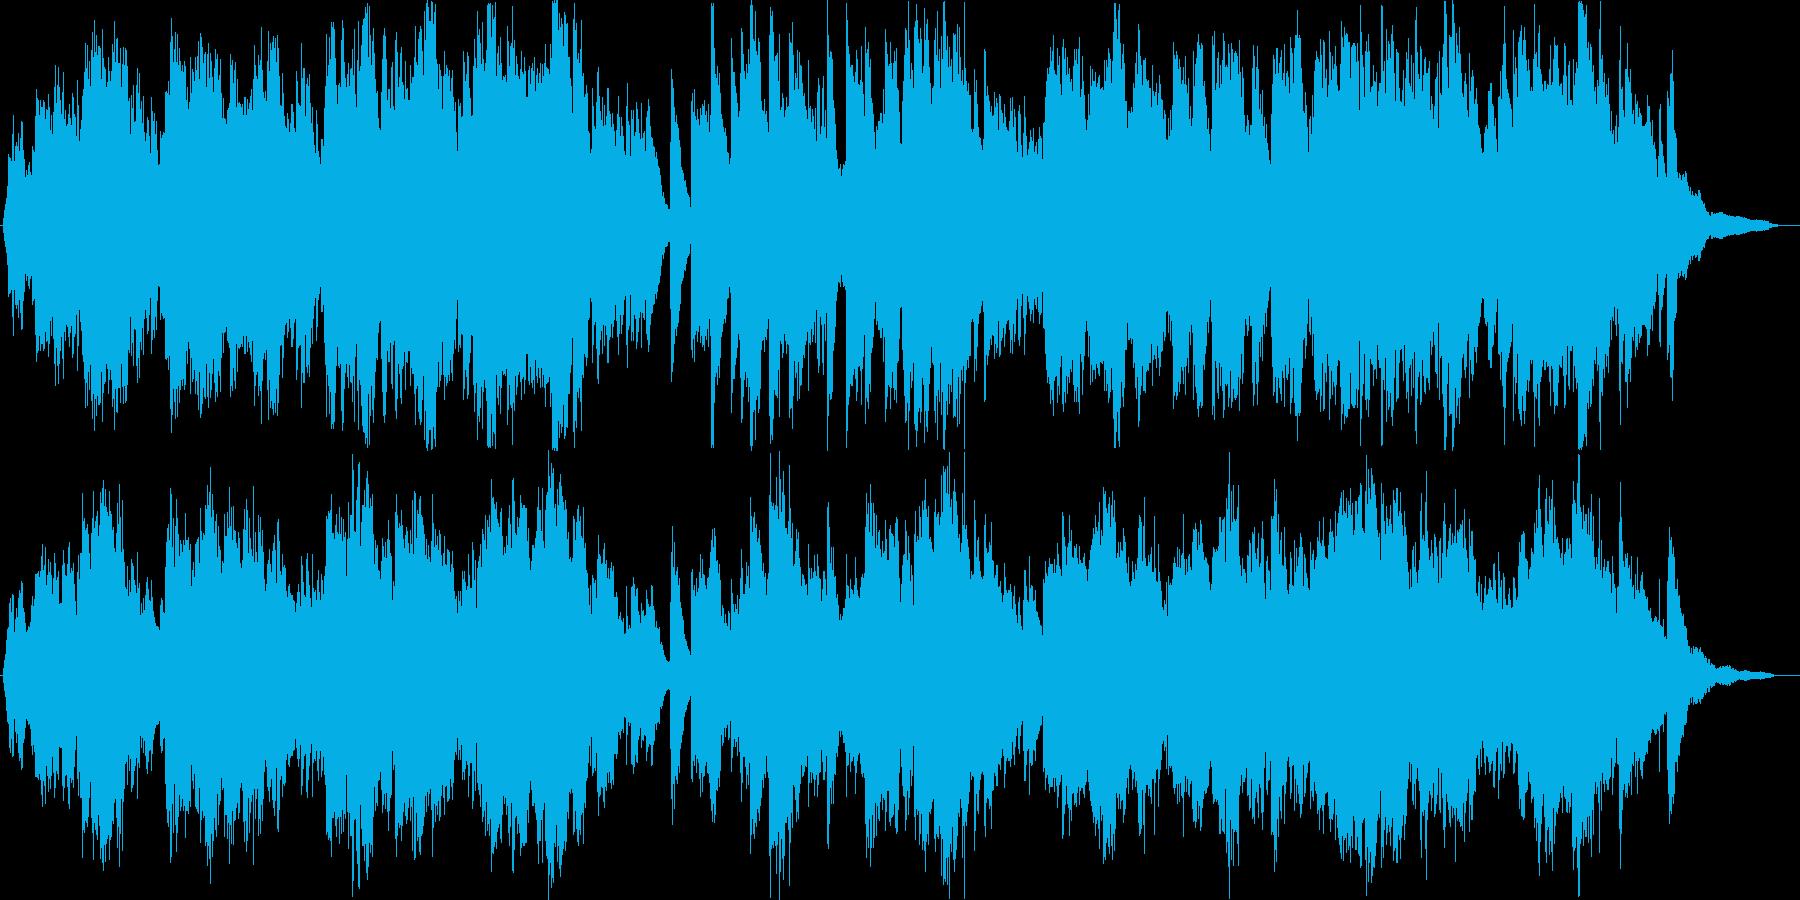 ピアノとヴァイオリンによる、ウェディン…の再生済みの波形